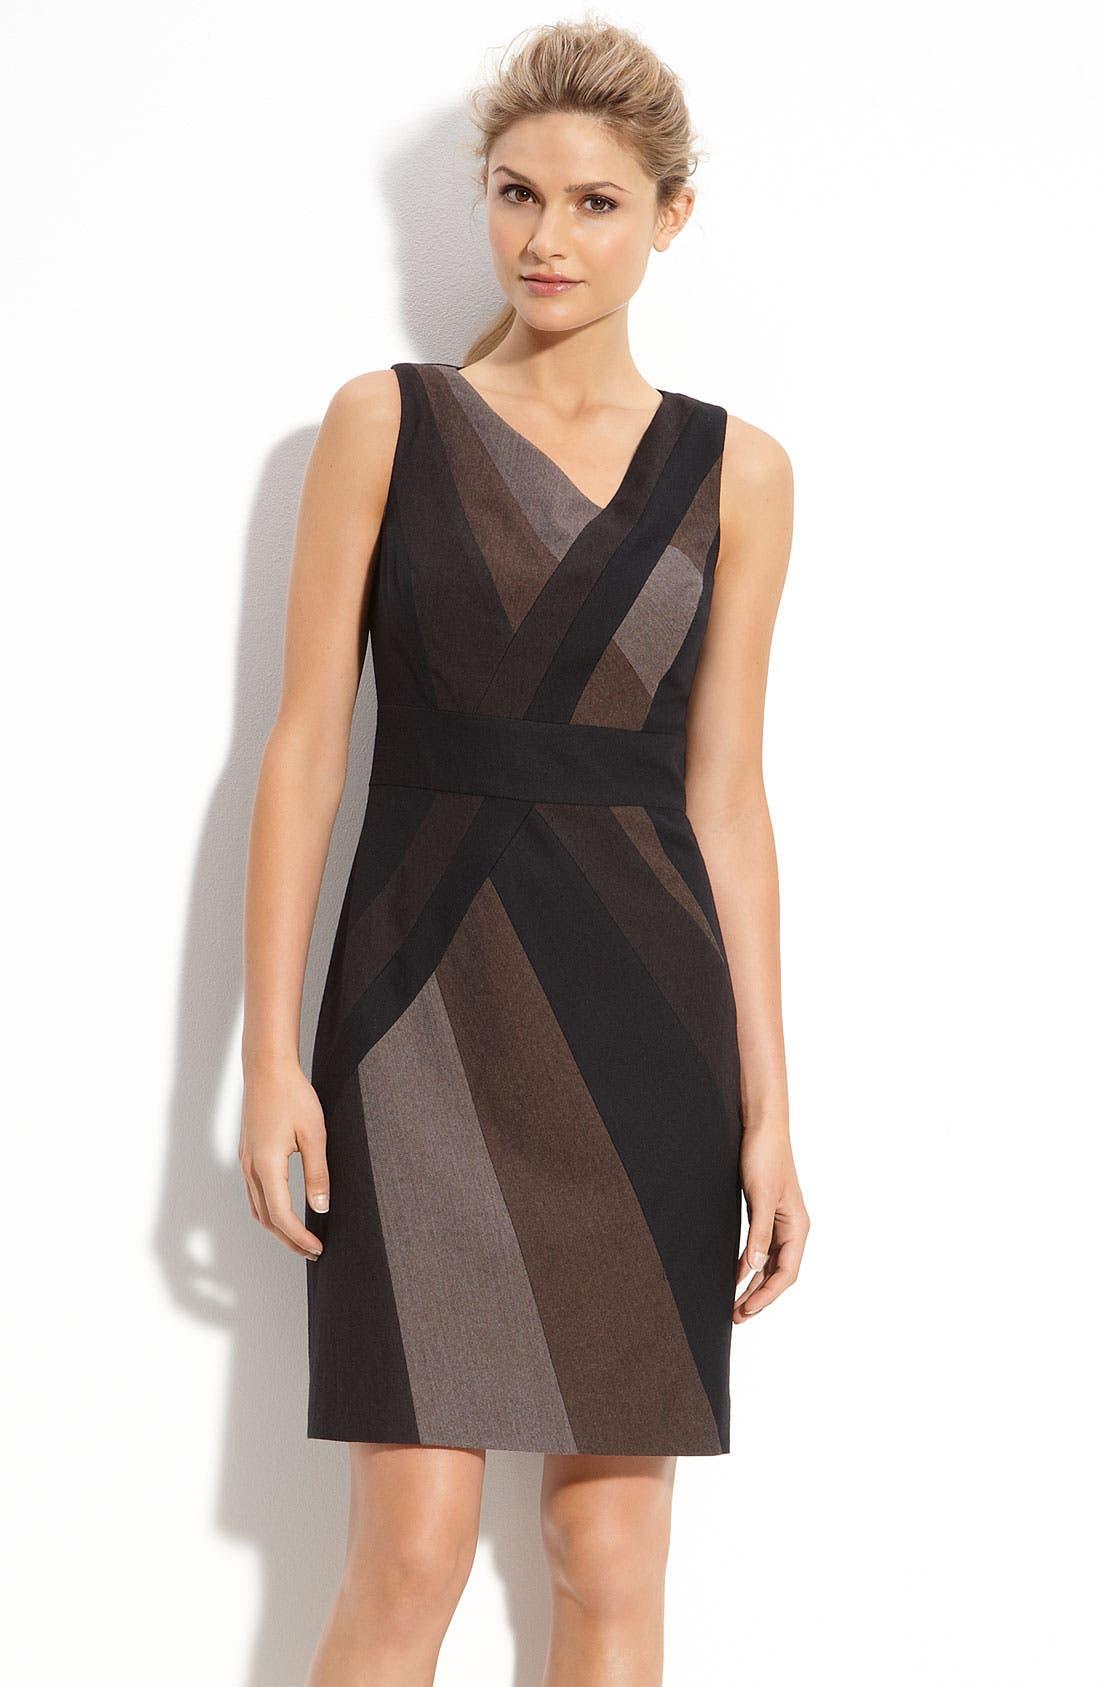 Alternate Image 1 Selected - Classiques Entier® Ombré Panel Dress